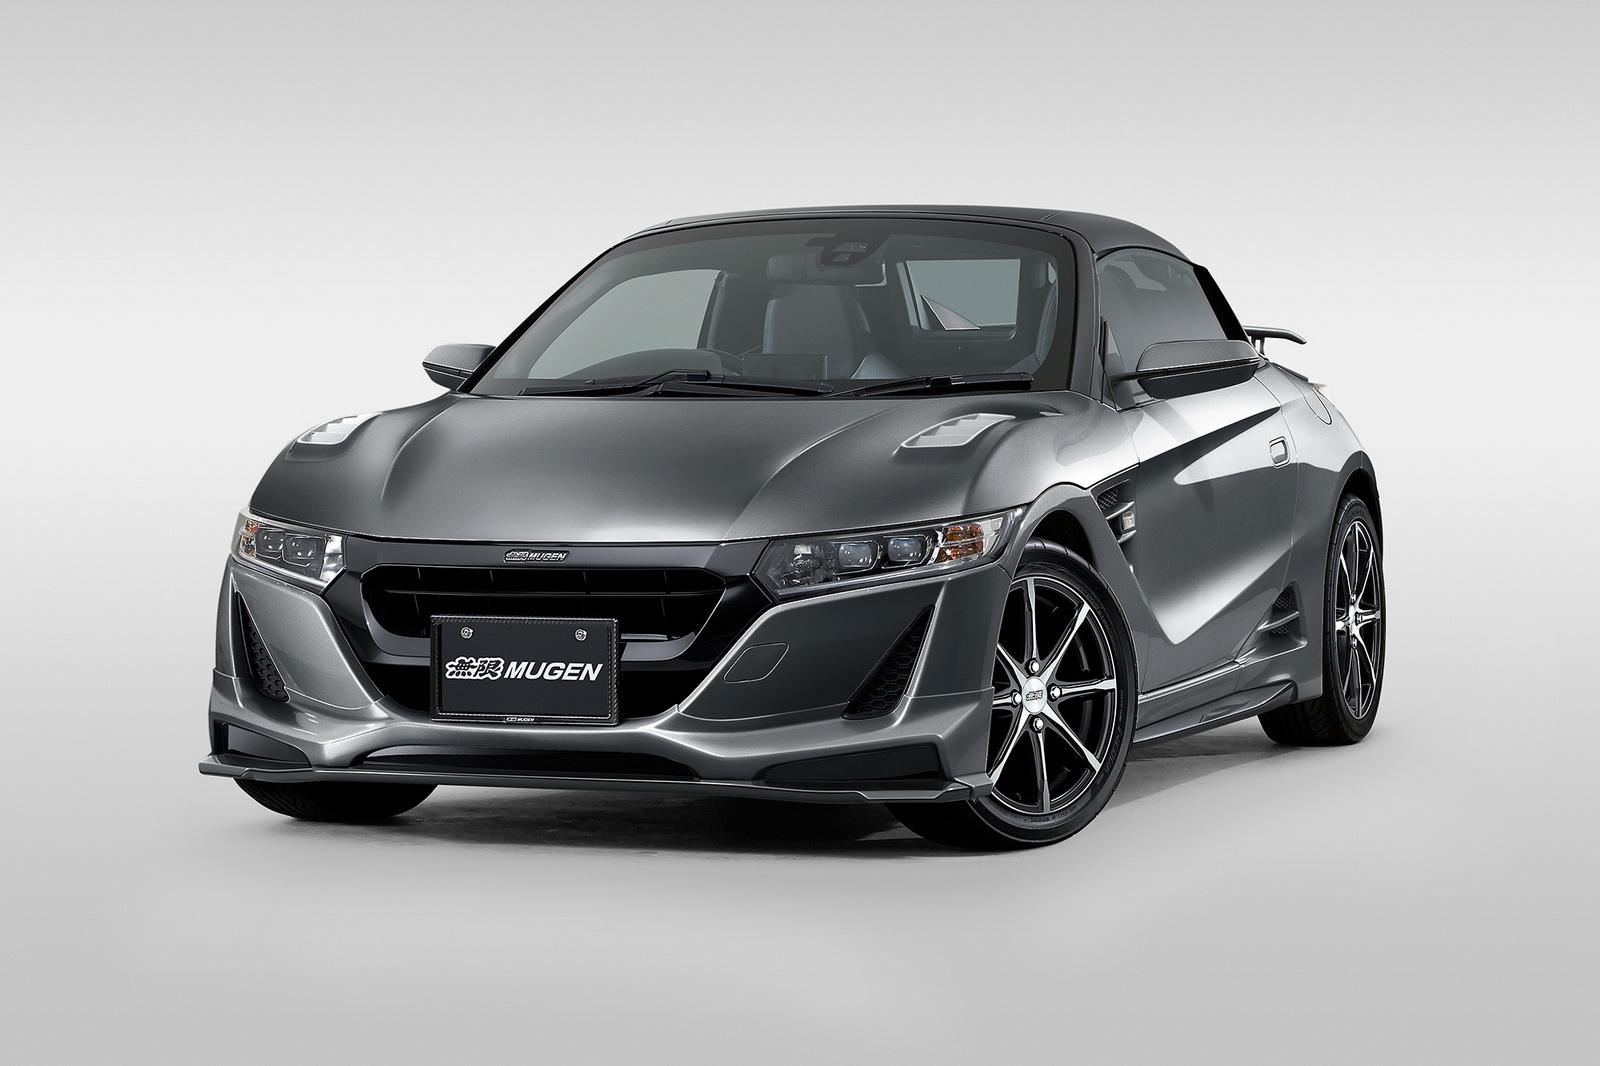 [Image: S0-Honda-S1000-bientot-en-Europe-102235.jpg]